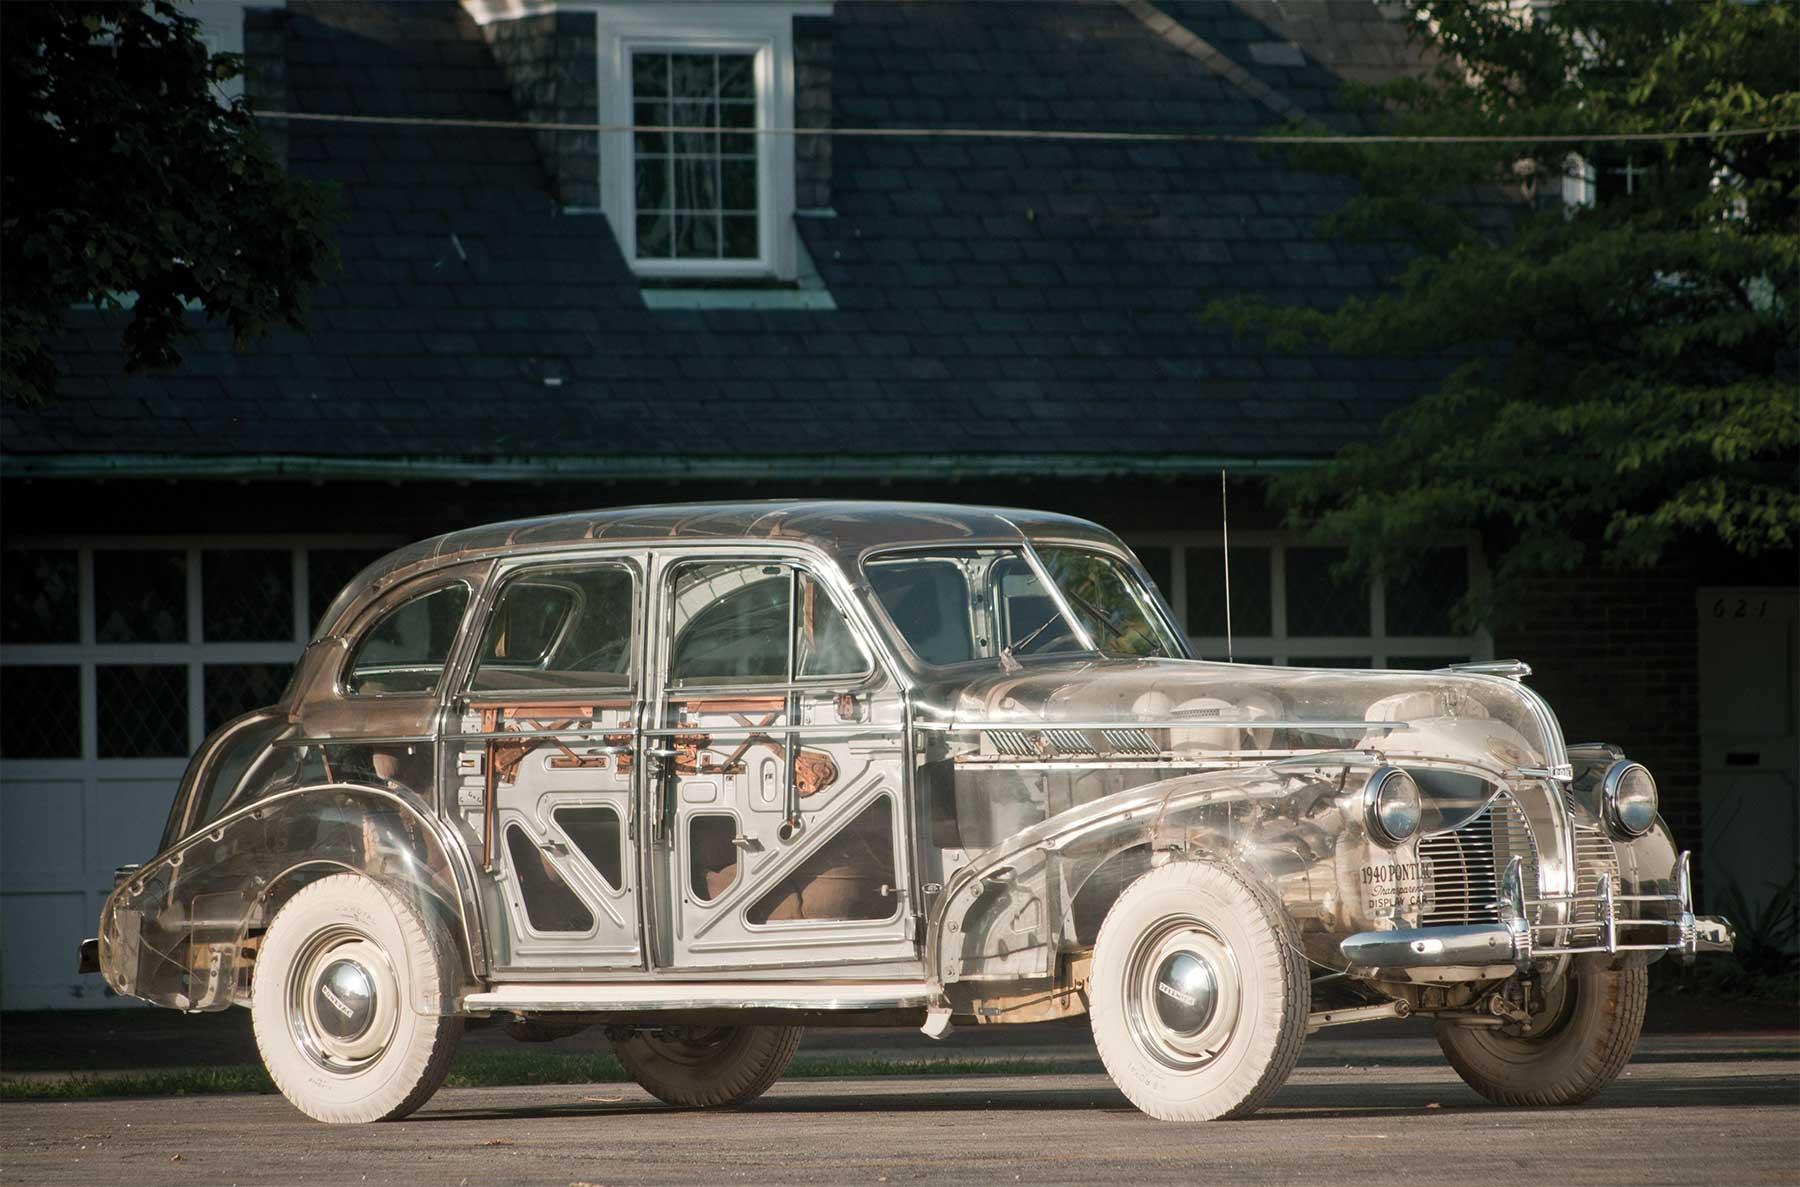 Das erste durchsichtige Auto der Welt pontiac-ghost-car-1940_03